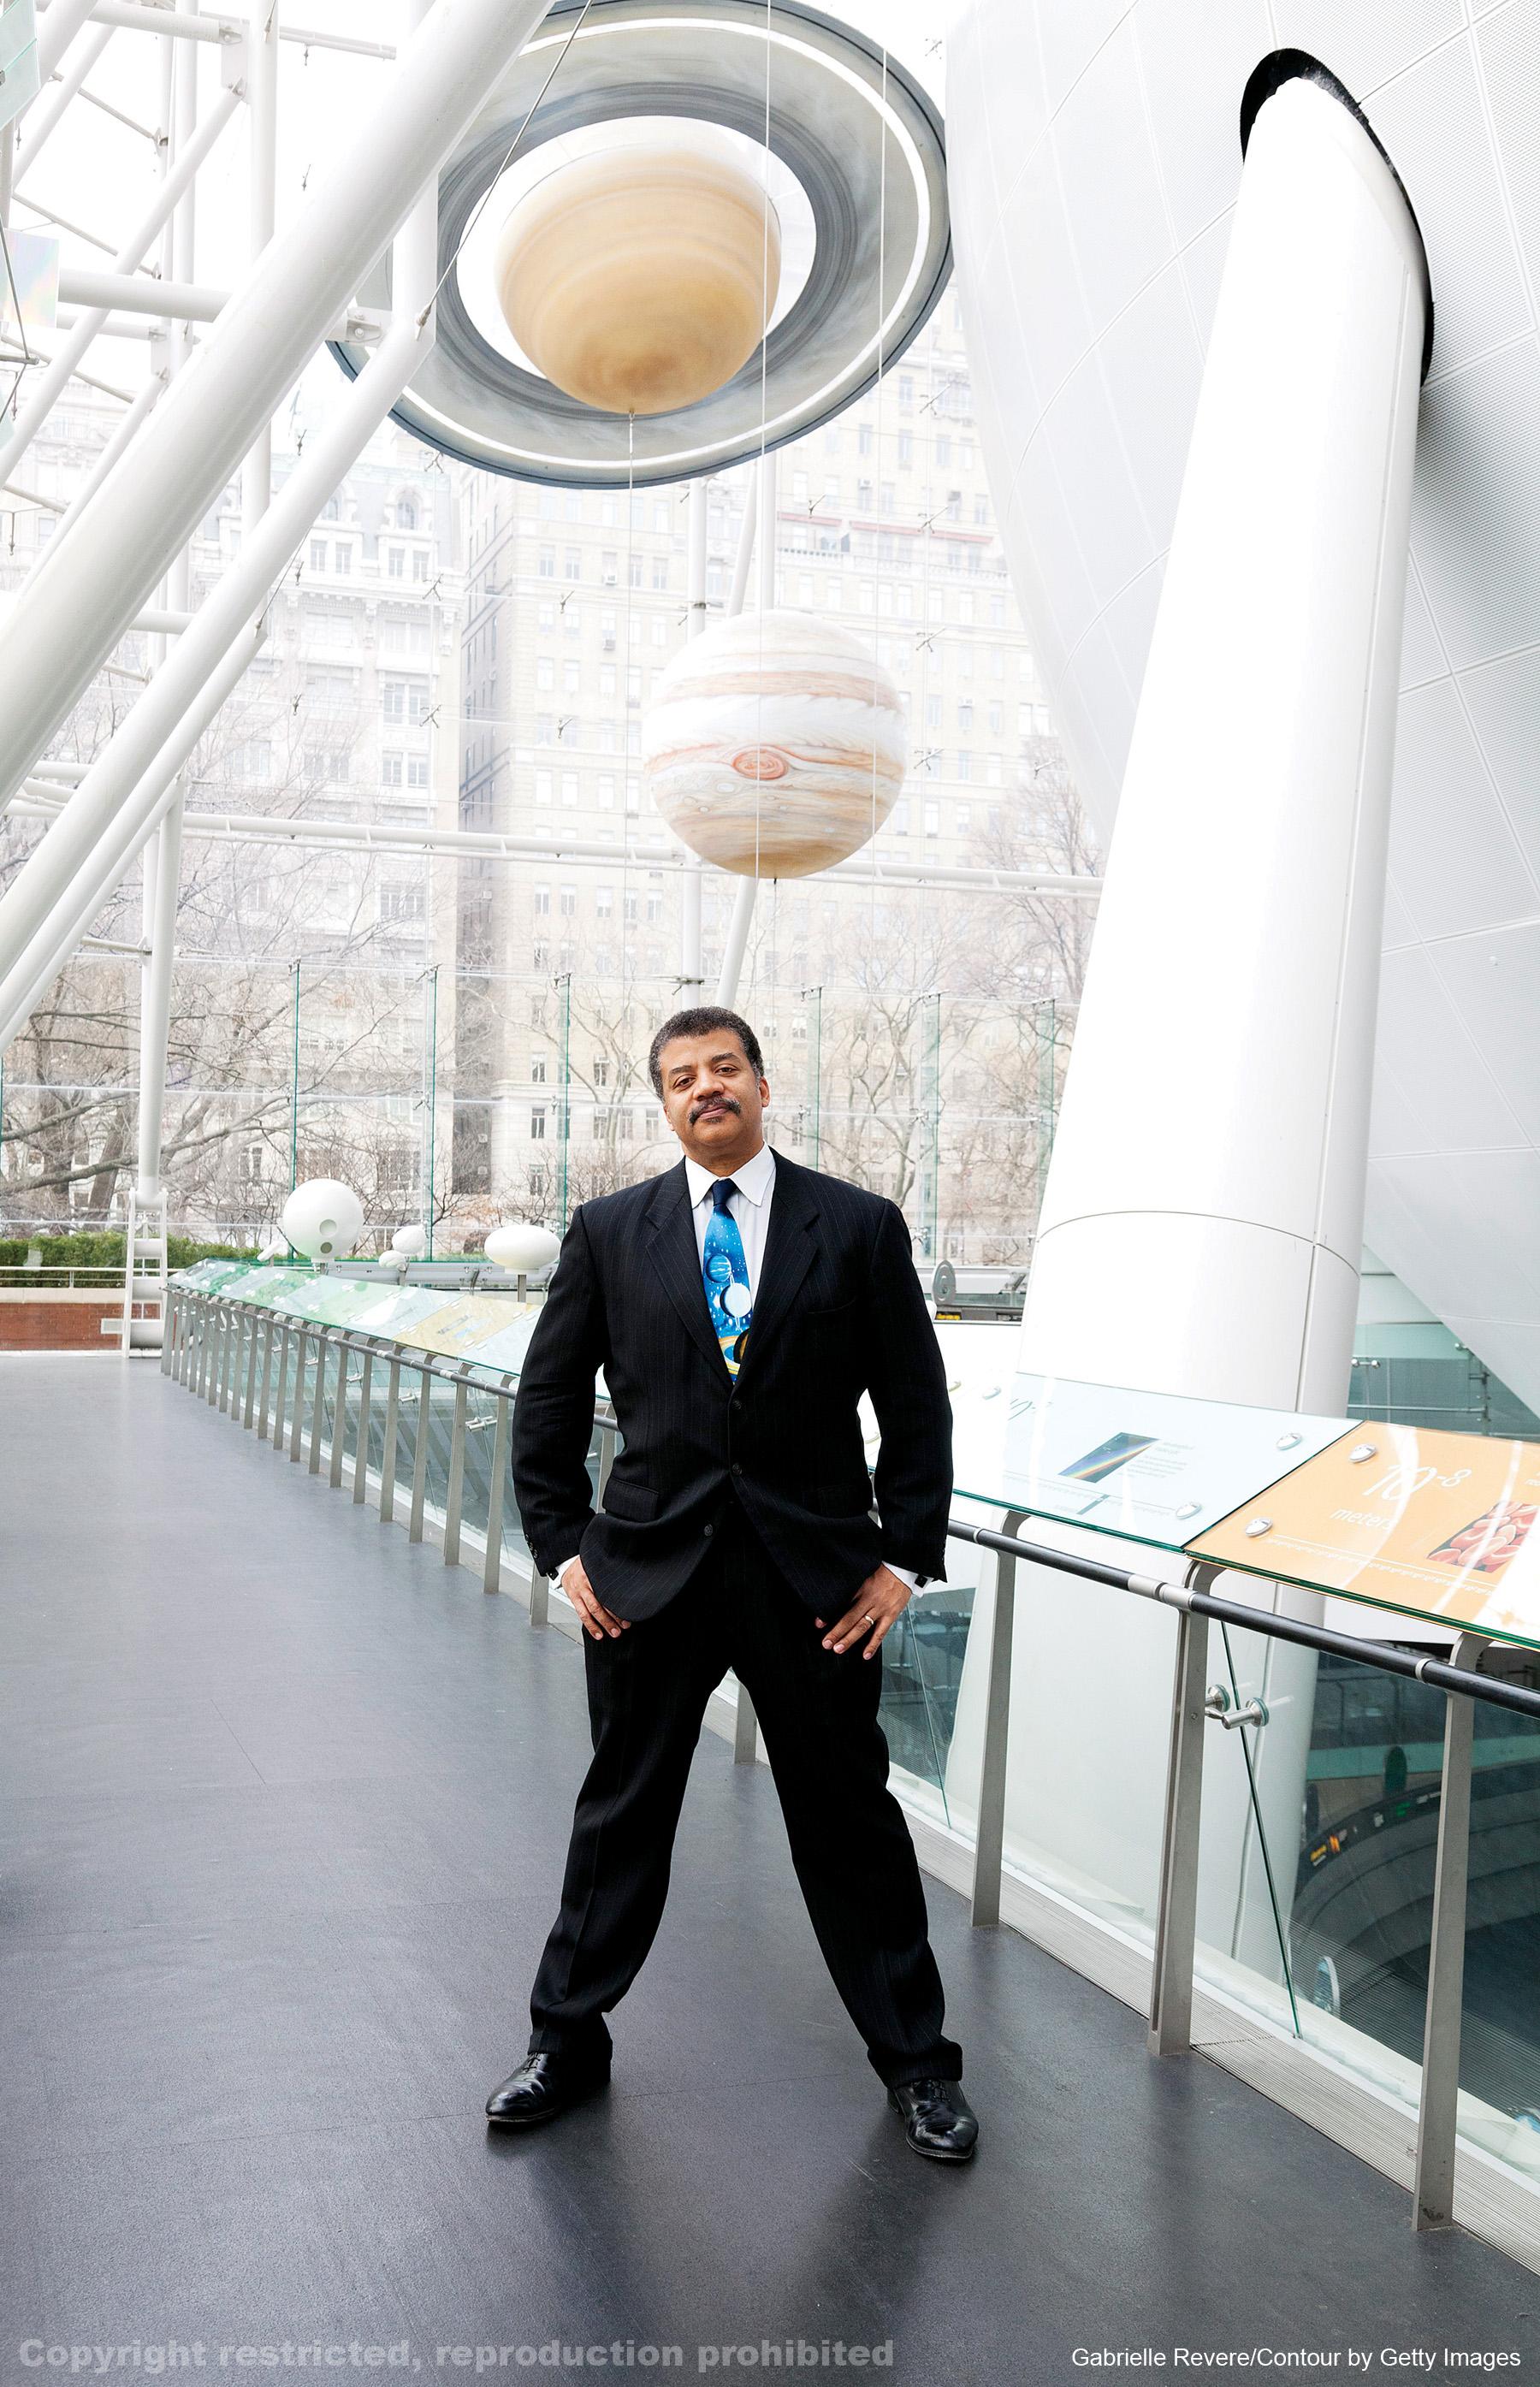 Neil deGrasse Tyson, Director of the Hayden Planetarium